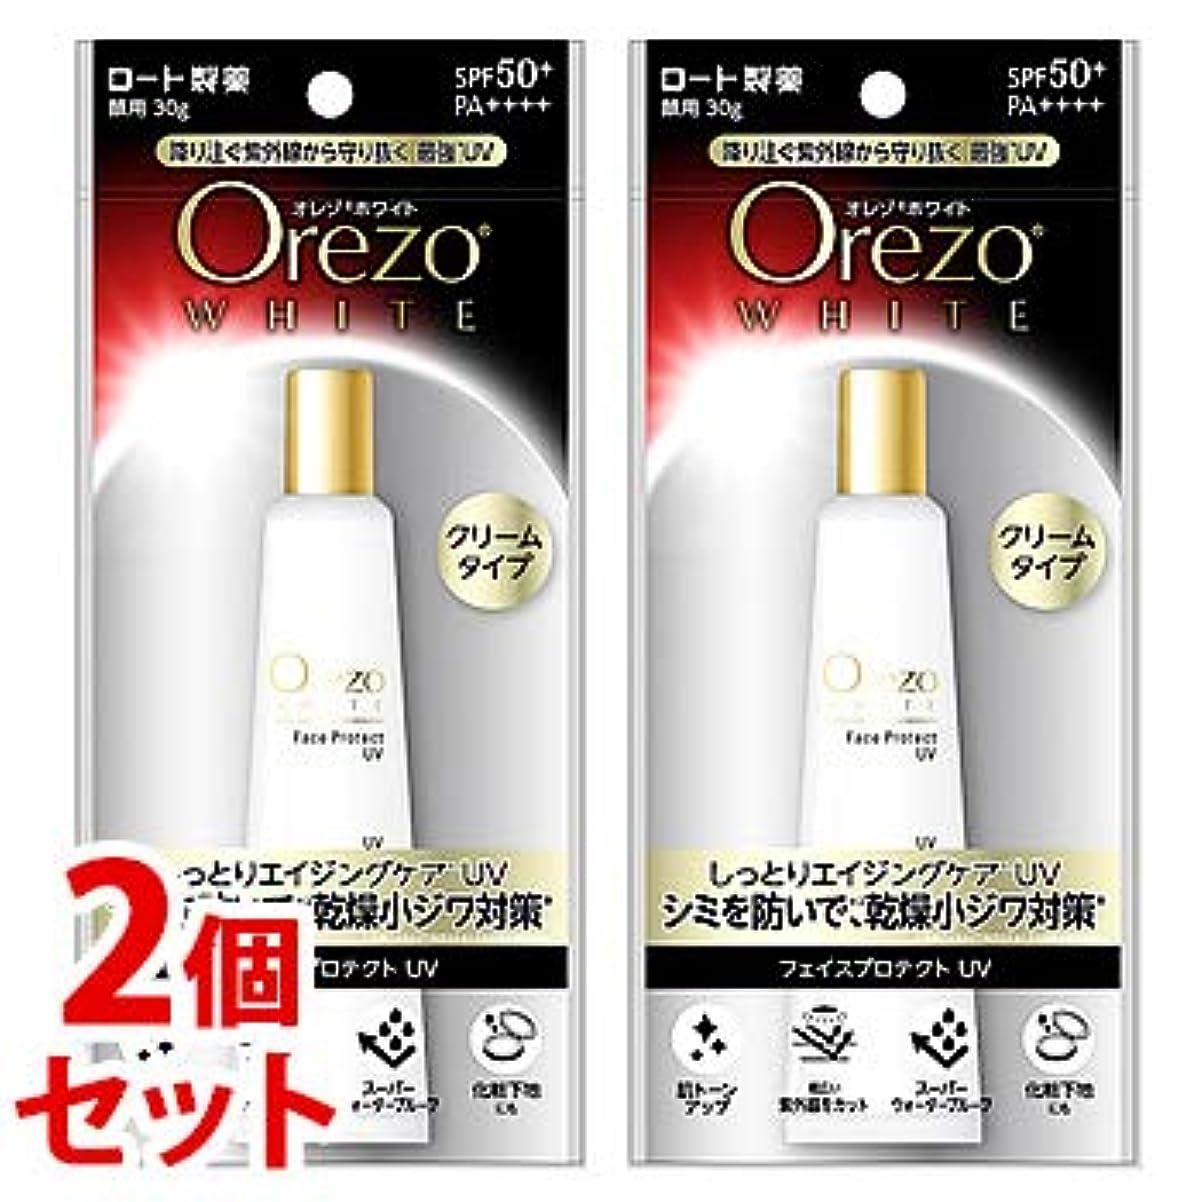 スペイン移民予言する《セット販売》 ロート製薬 Orezo オレゾ ホワイト フェイスプロテクトUV SPF50+ PA++++ (30g)×2個セット 顔用 日やけ止め 化粧下地 クリームタイプ